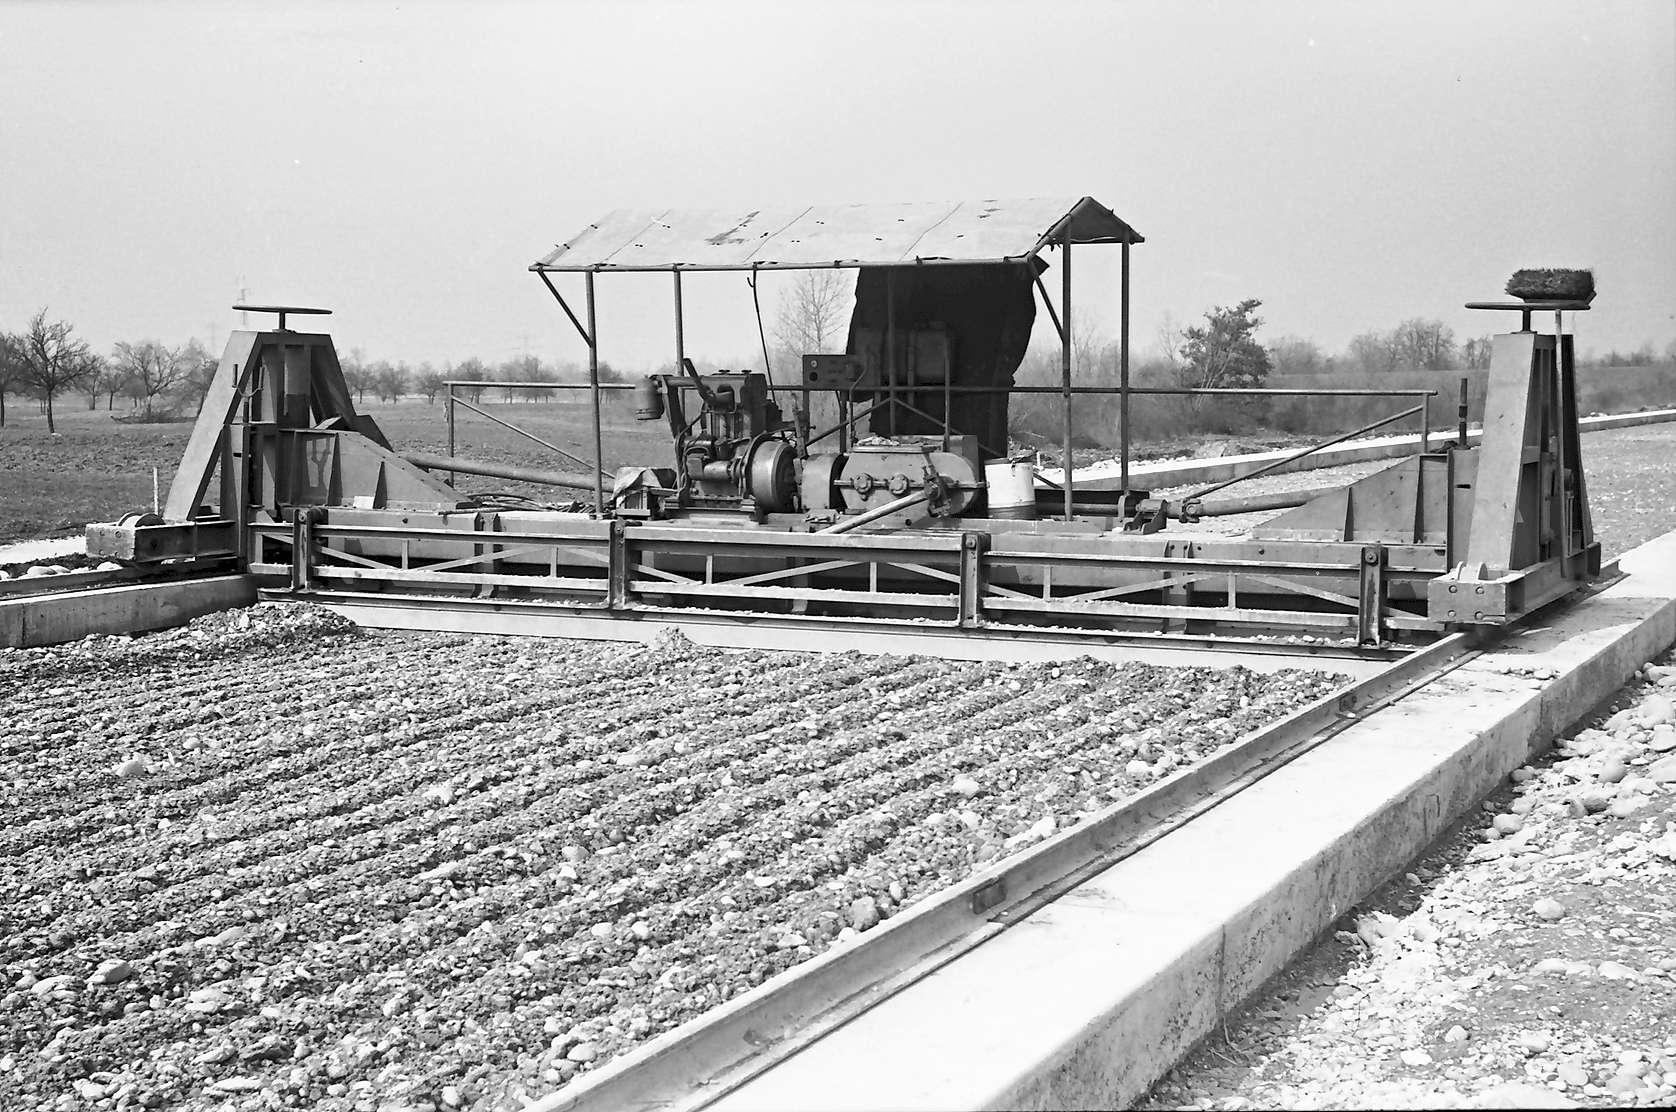 Istein: Planiermaschine für Deckenbau, Bild 1